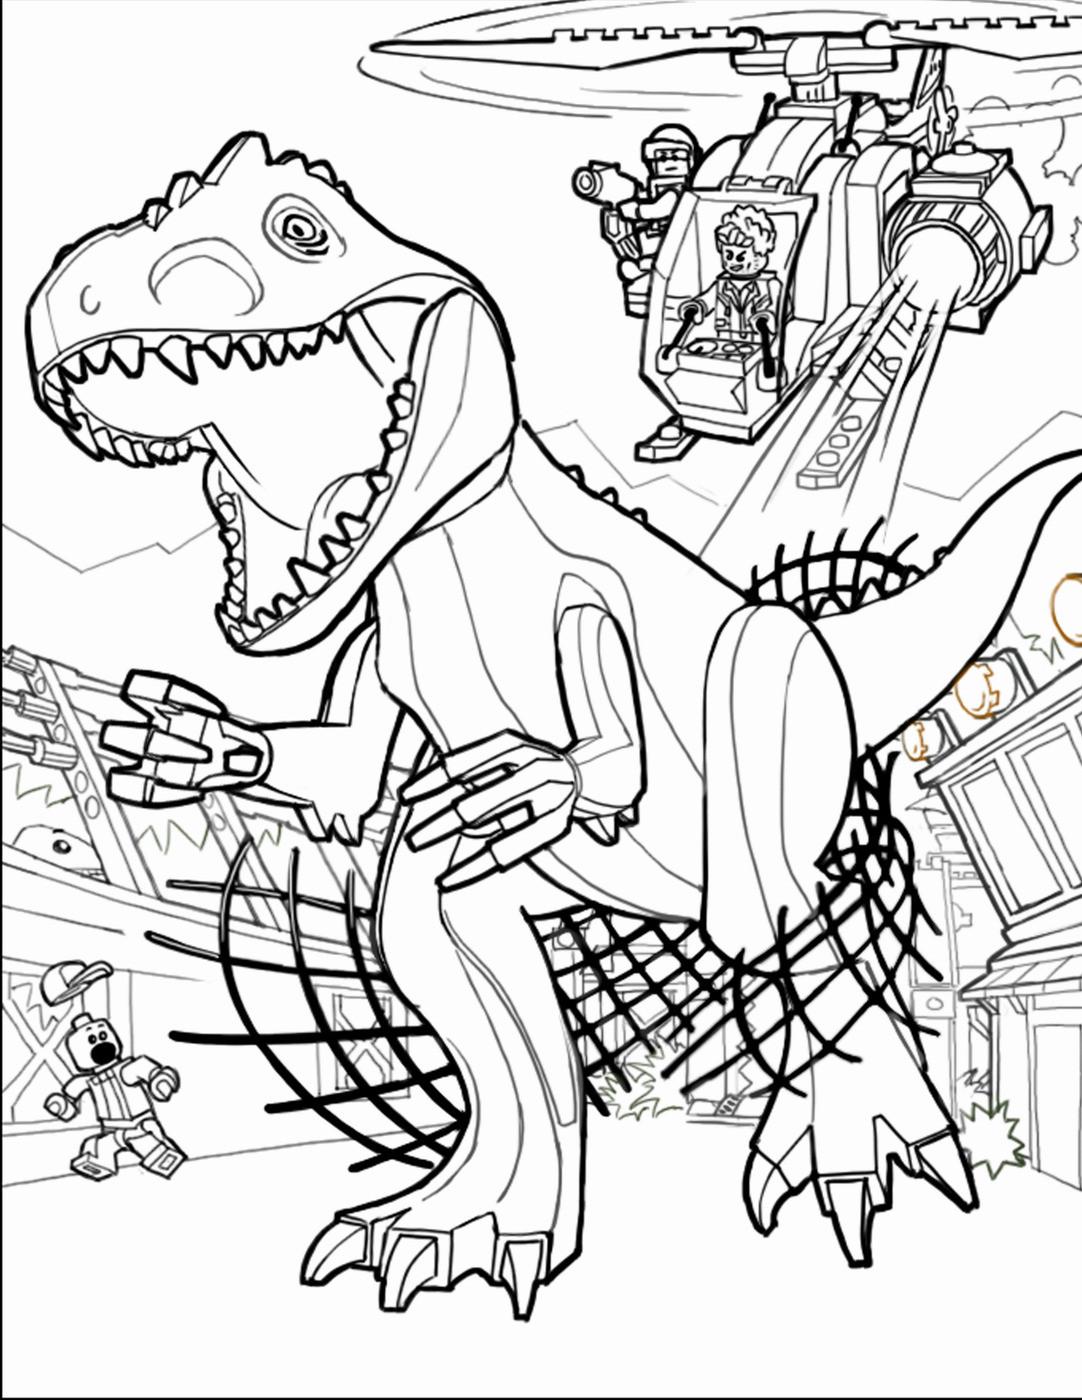 T Rex Ausmalbild Einzigartig 35 T Rex Ausmalbilder Scoredatscore Inspirierend T Rex Ausmalbilder Fotografieren